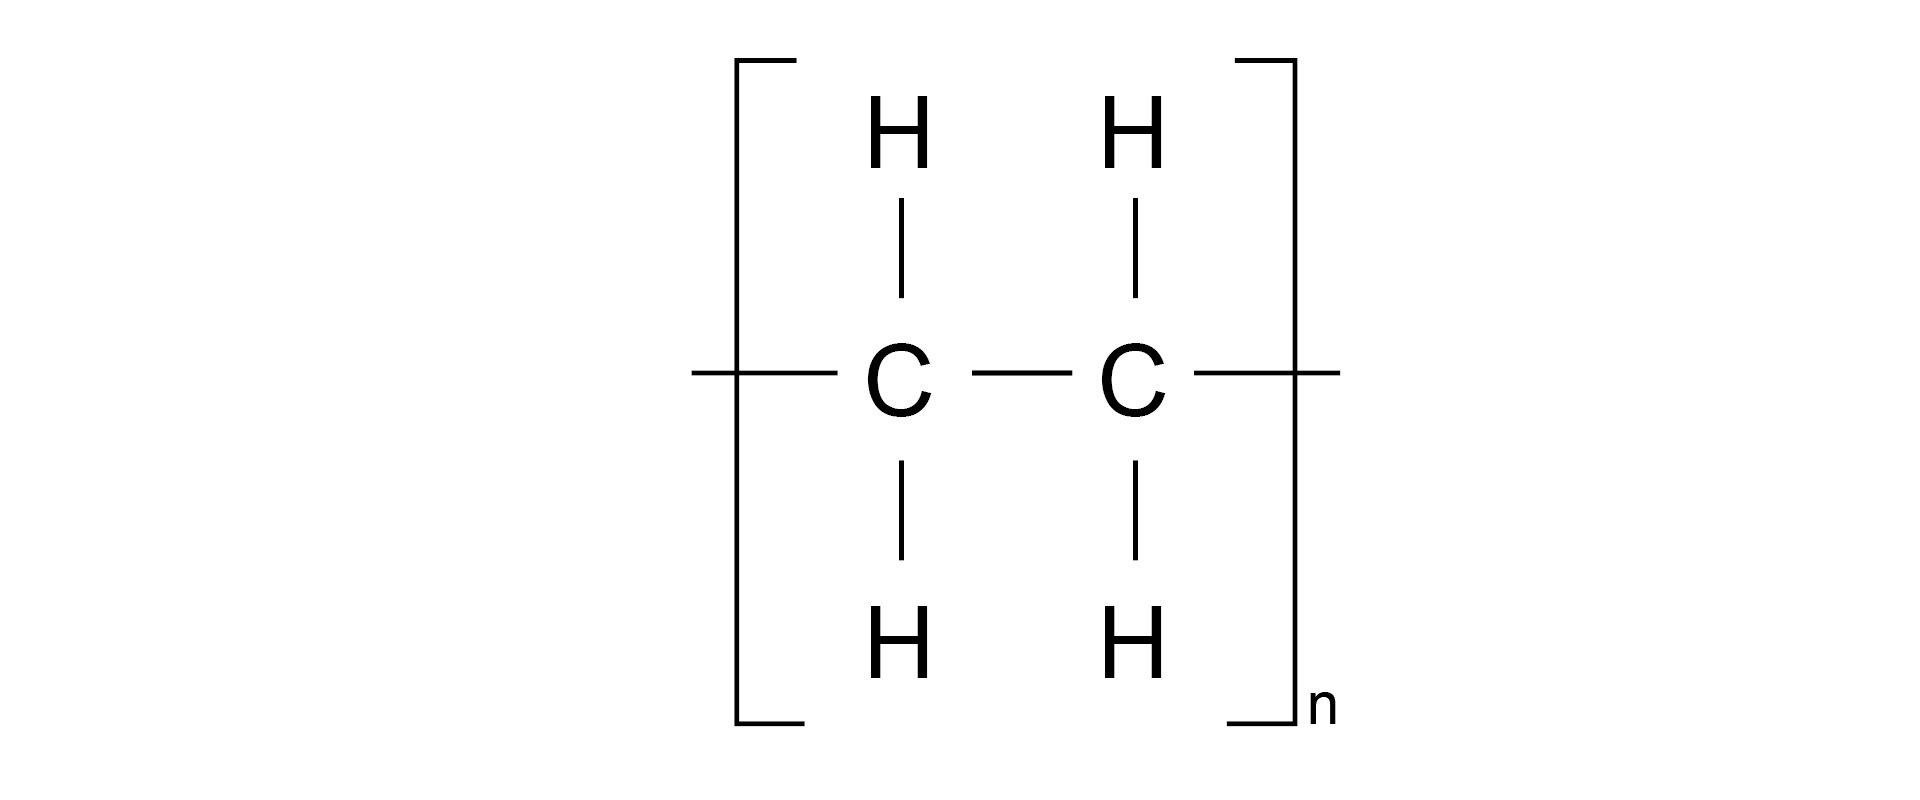 Ilustracja pokazuje wzór strukturalny polietylenu.